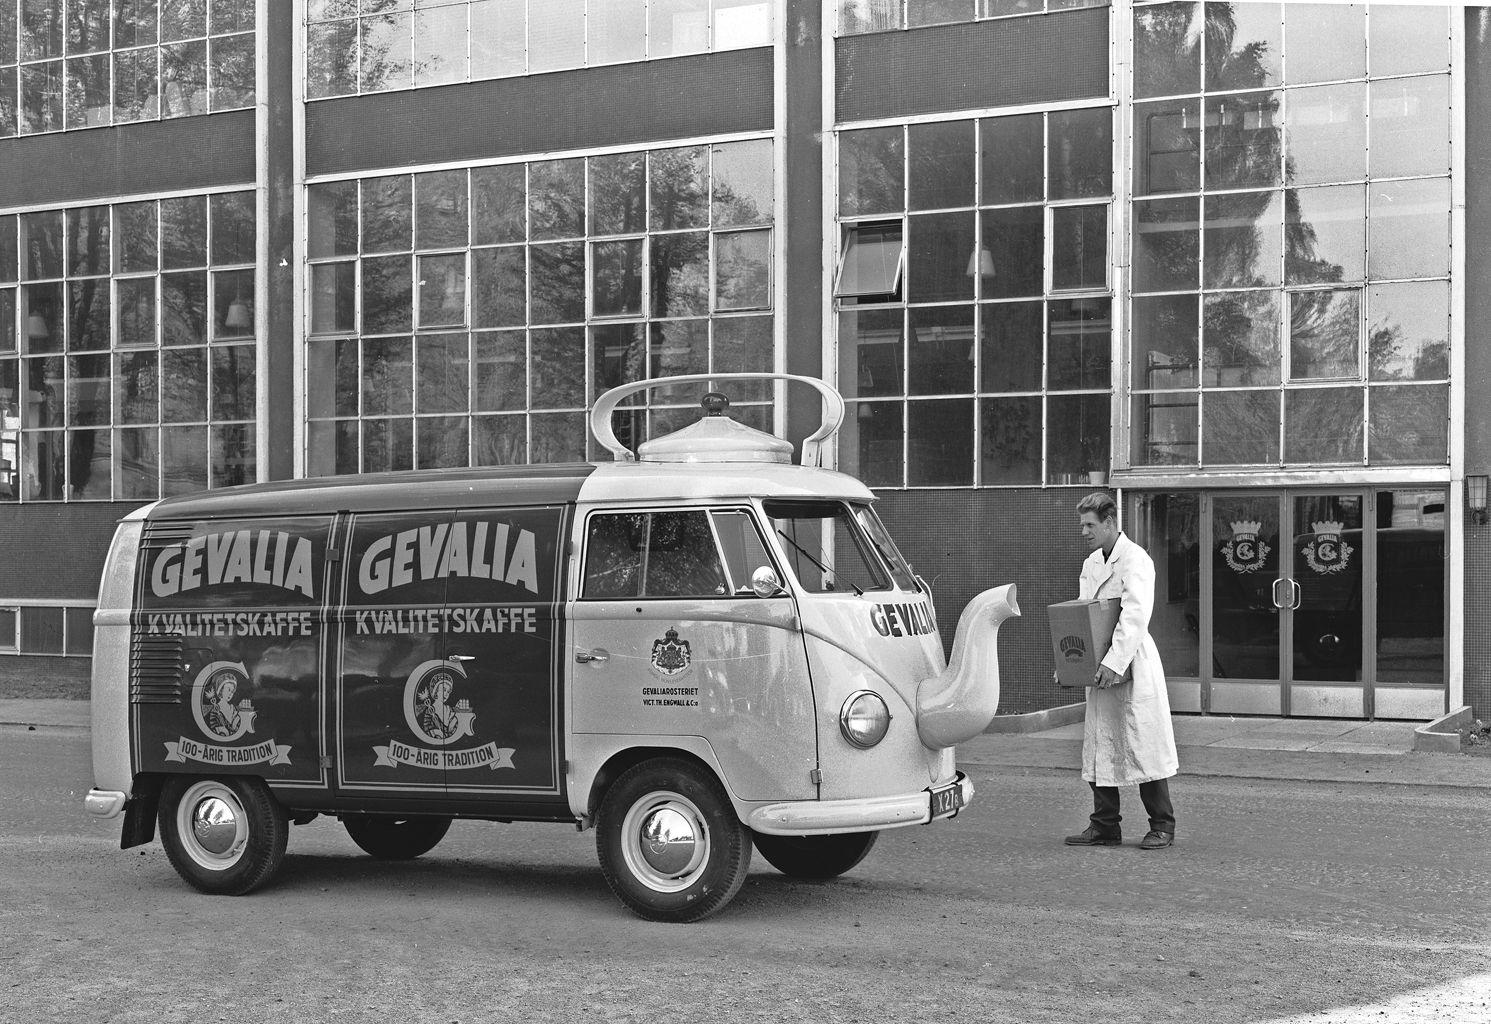 A Volkswagen T1 Panel Van Coffee Pot at the Gevalia